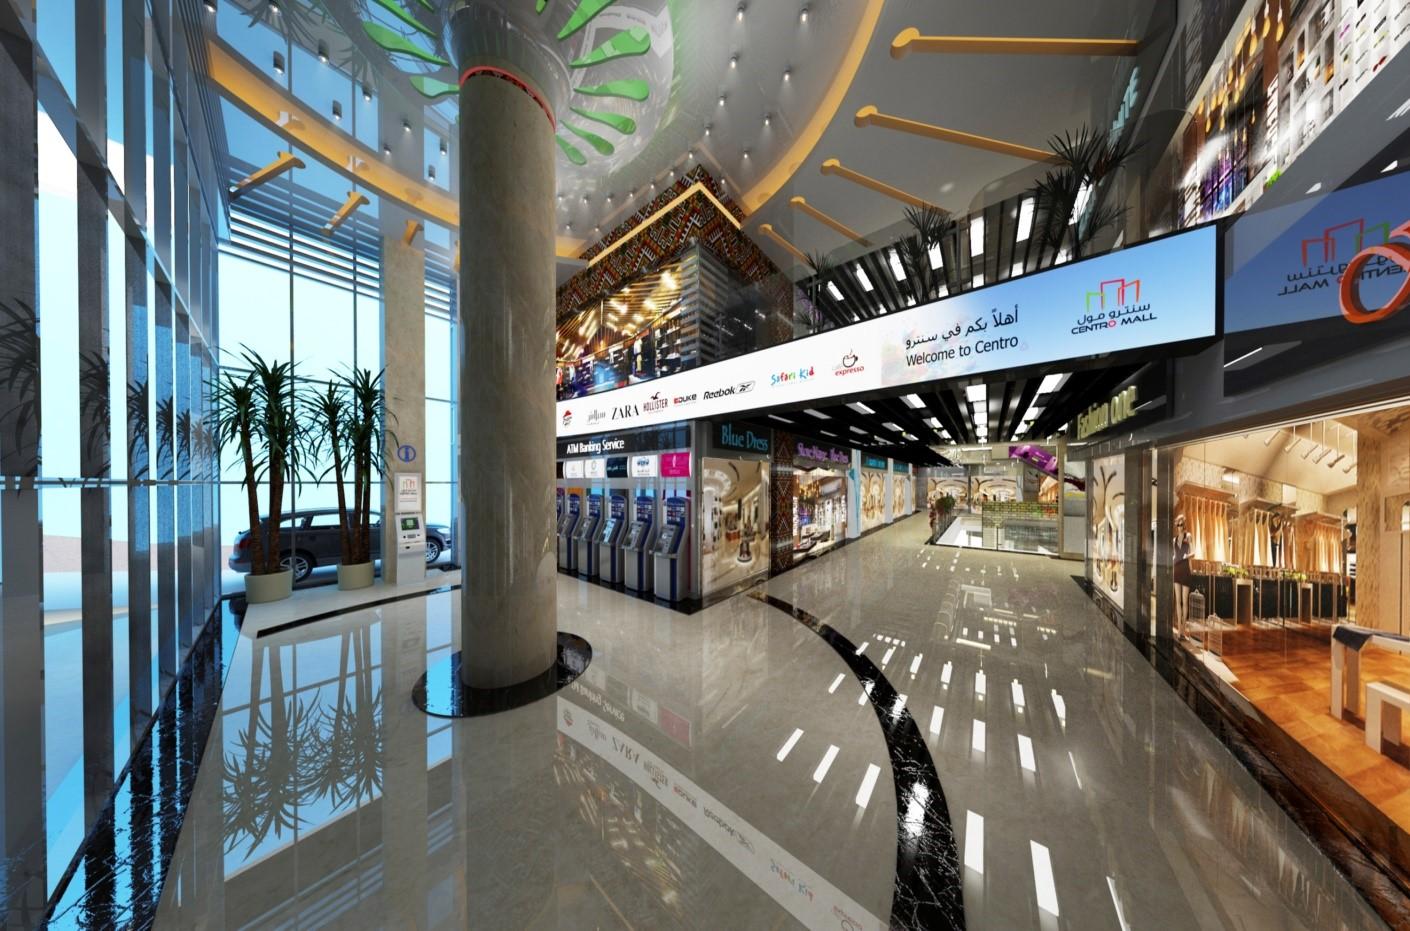 Centro mall Sales